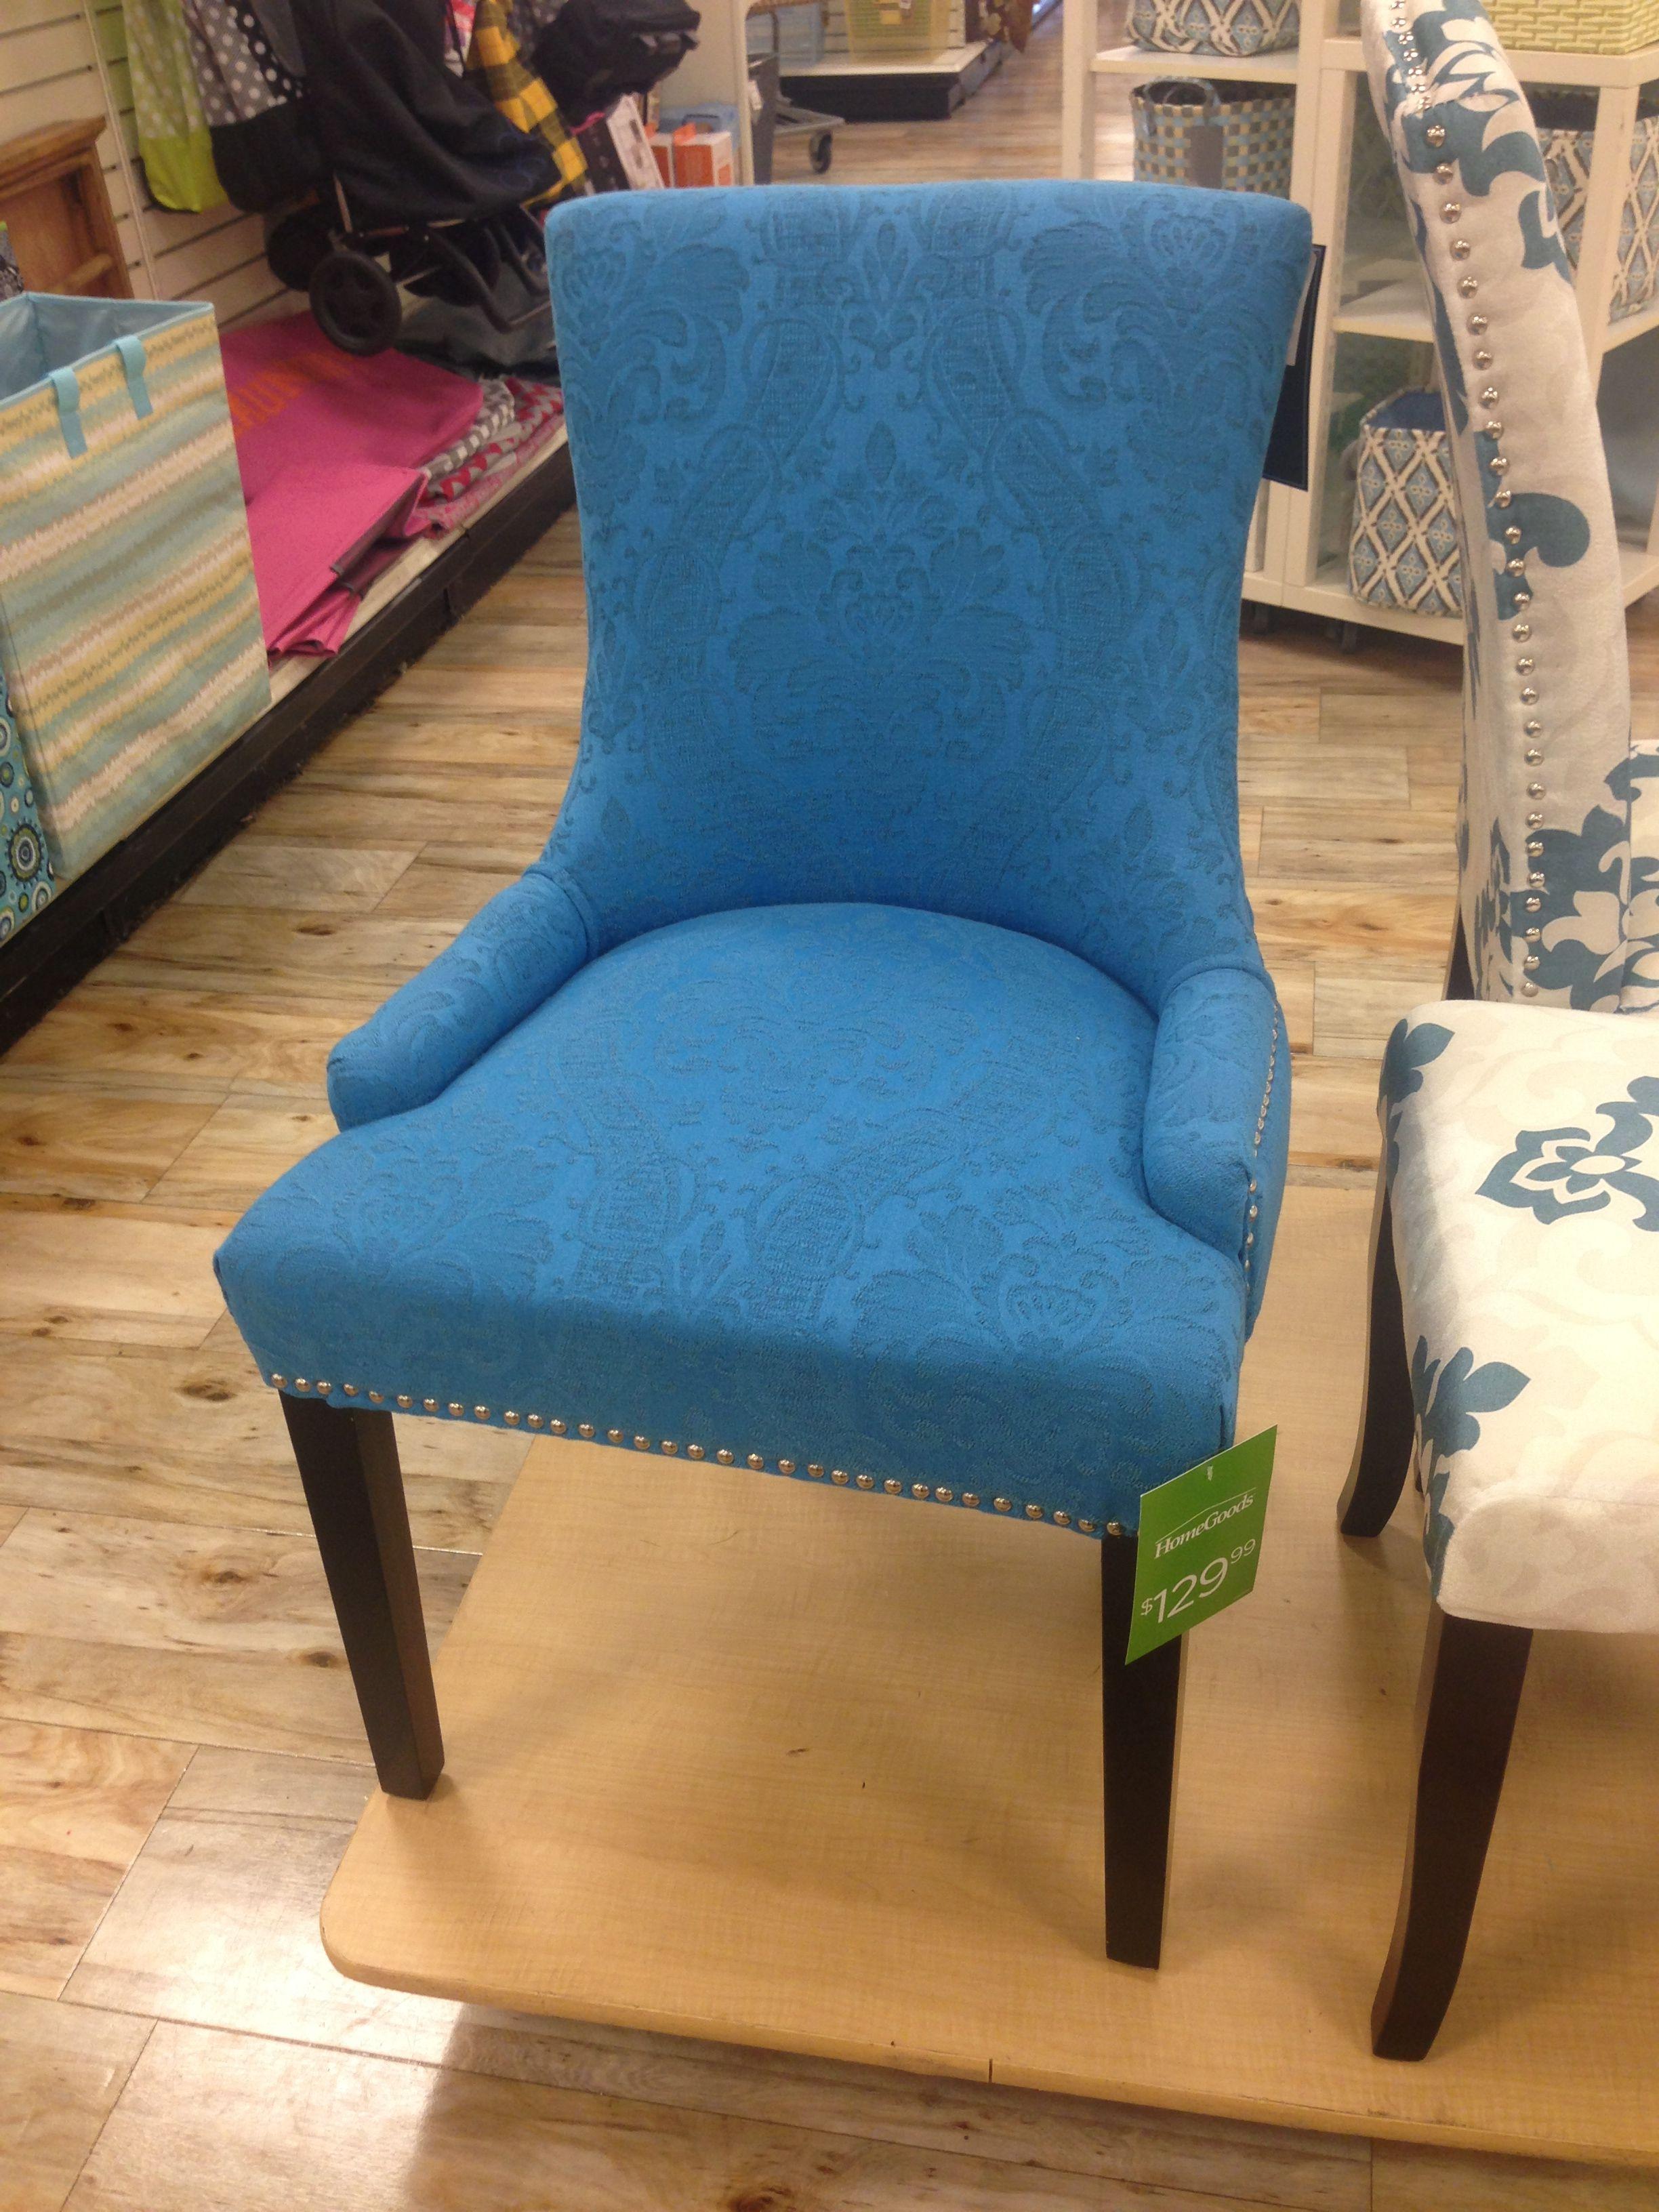 Best Blue Nail Head Trim Accent Chair Accent Chairs Chair 400 x 300